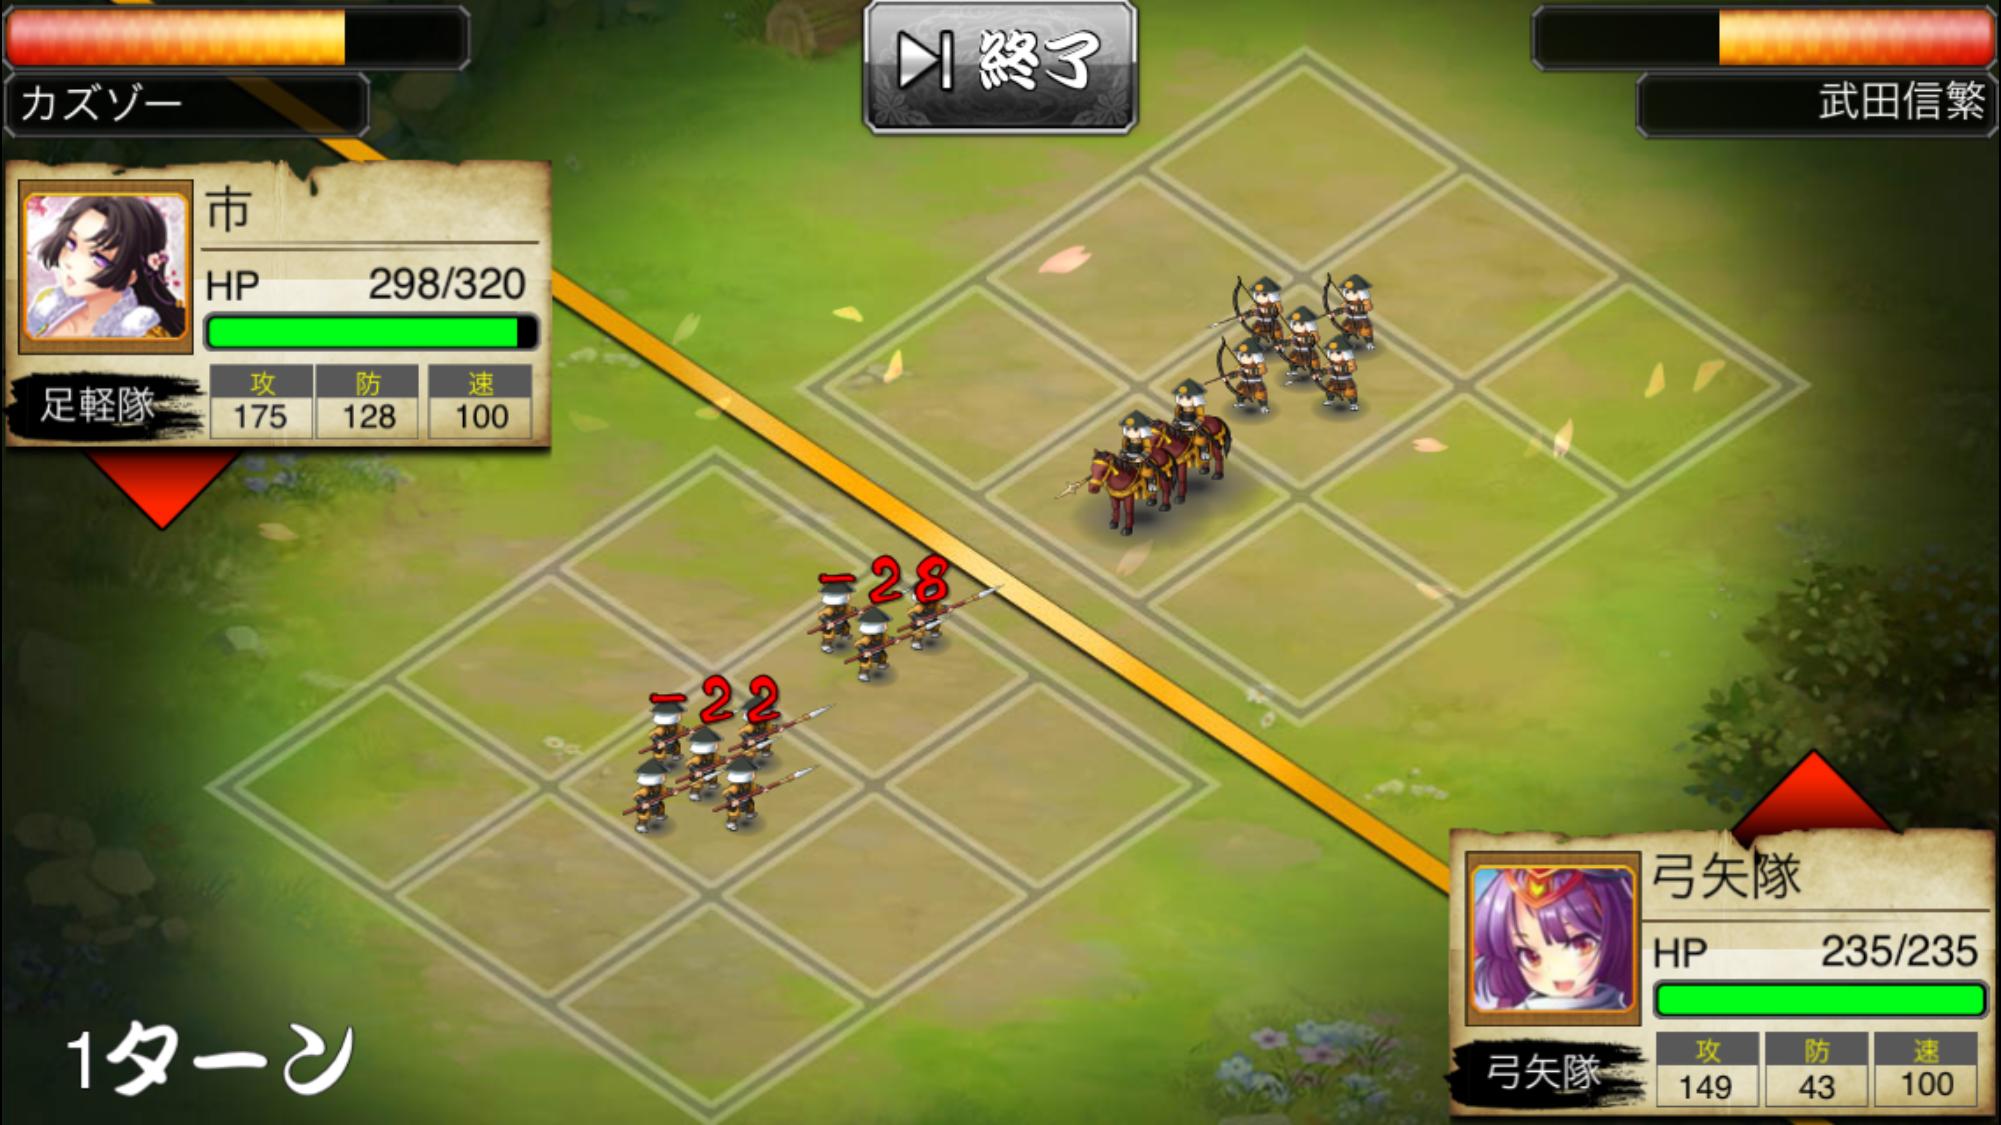 戦舞姫 androidアプリスクリーンショット1